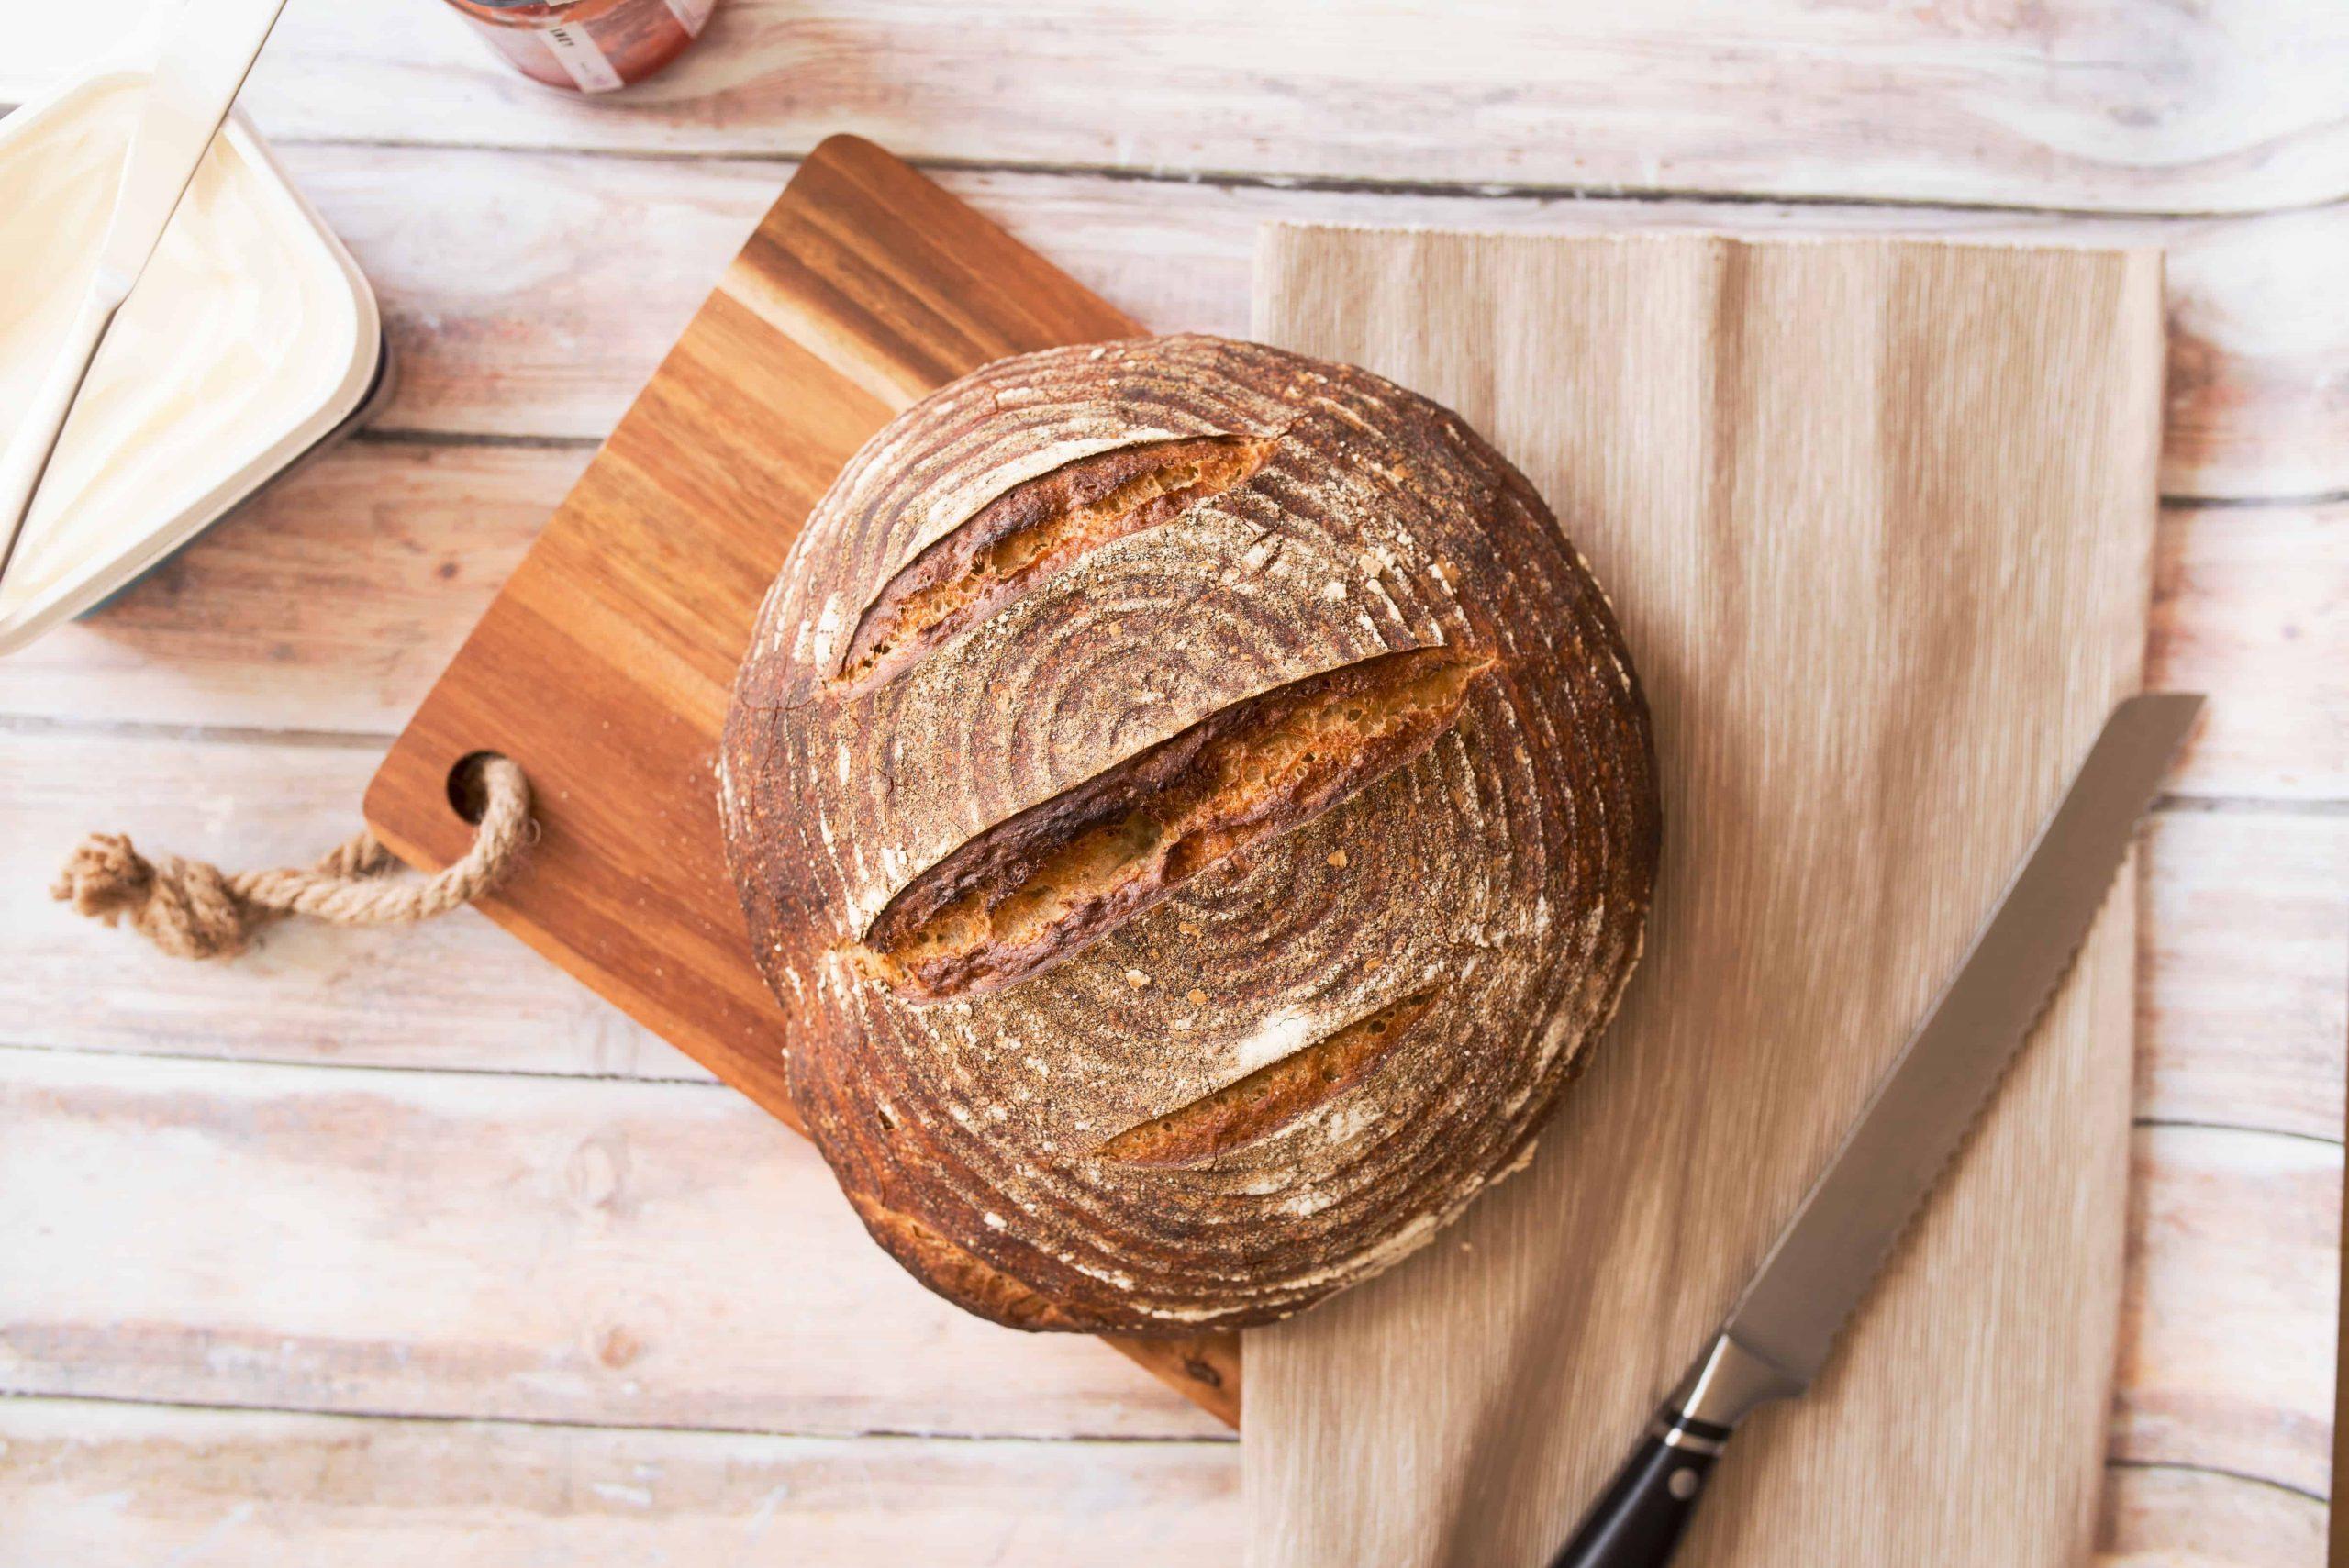 Brotmesser: Test & Empfehlungen (04/20)